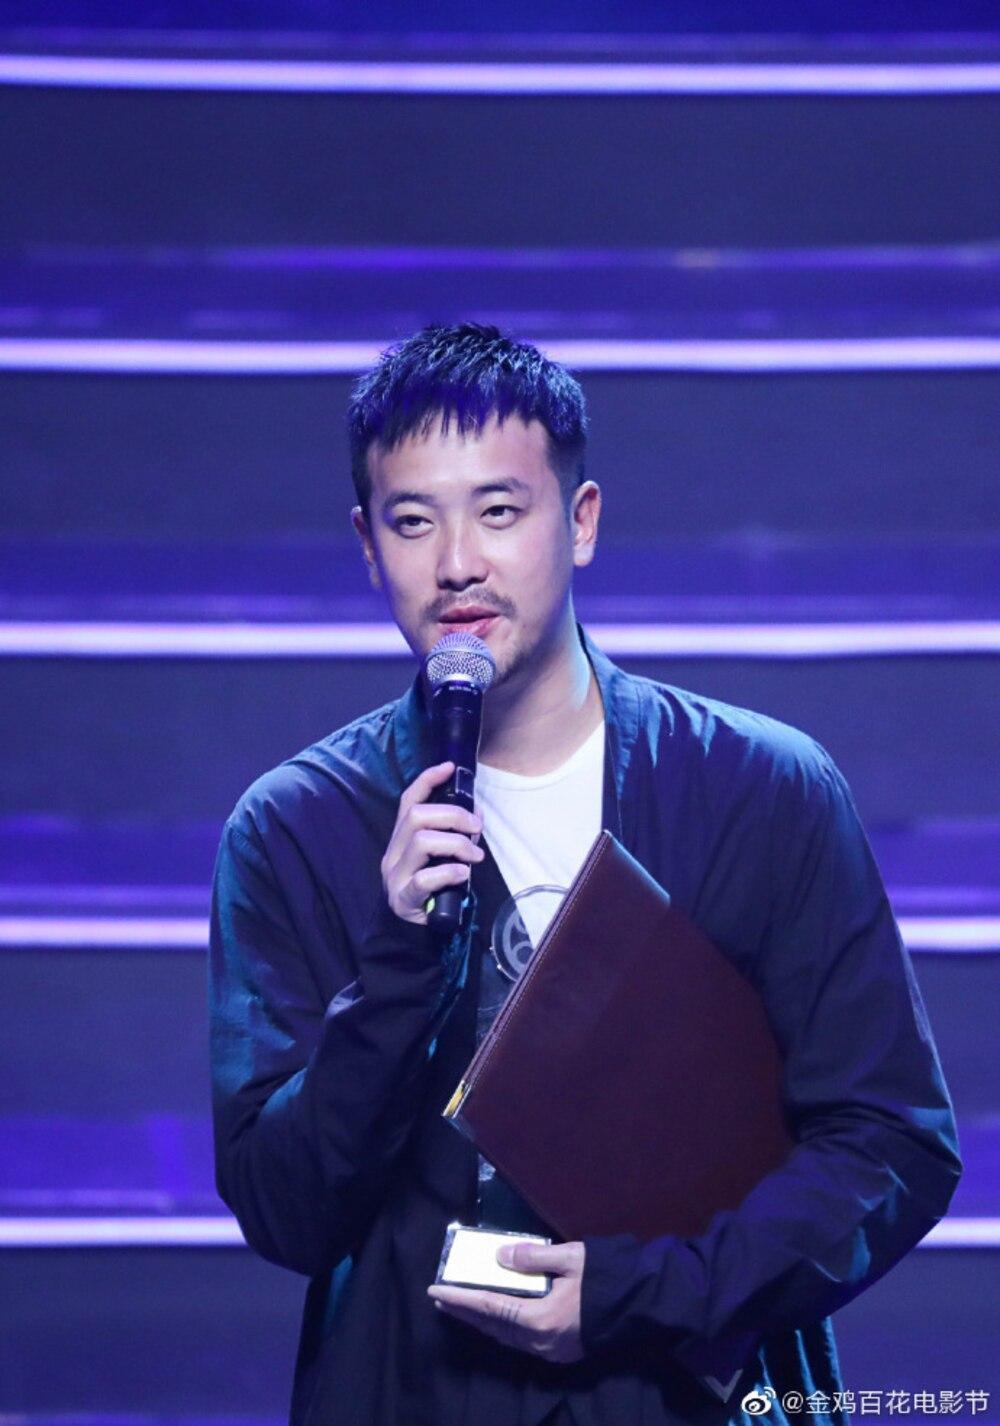 Dịch Dương Thiên Tỉ - Châu Đông Vũ cùng nhận thưởng đề cử, Huỳnh Hiểu Minh phát biểu gây chú ý Ảnh 4